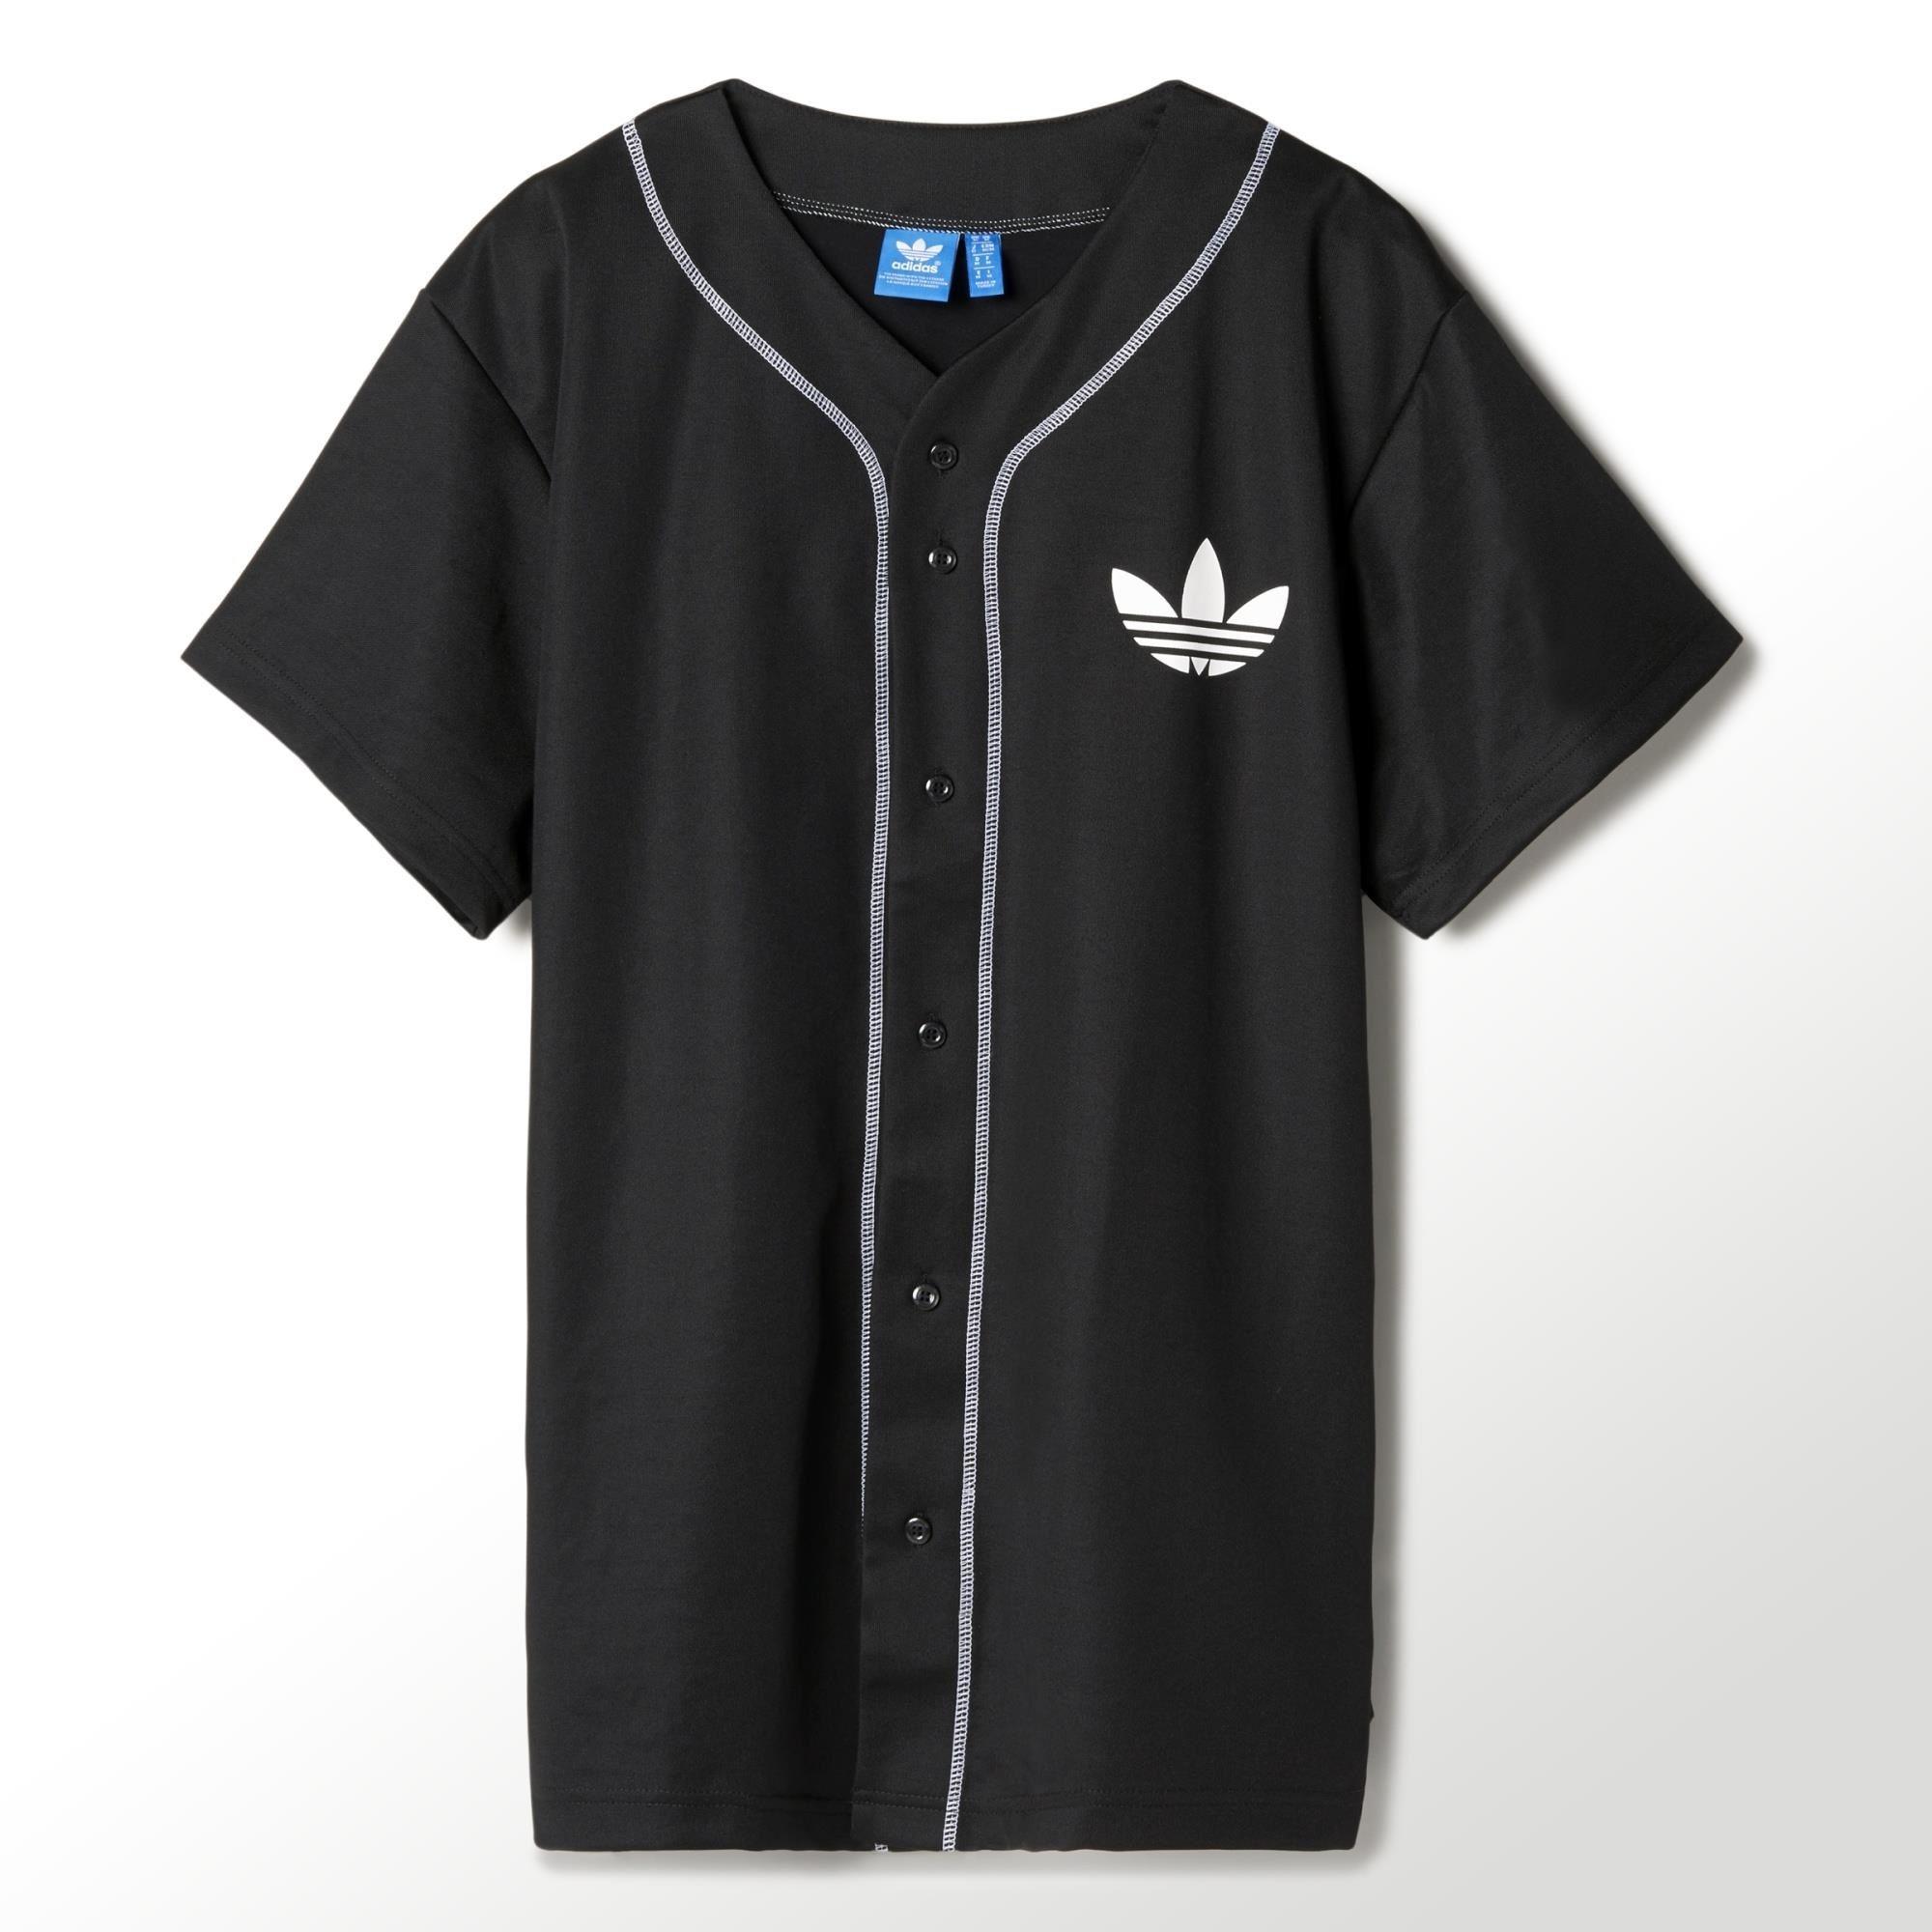 Camiseta NBA Brooklyn Nets Baseball adidas   adidas Brasil